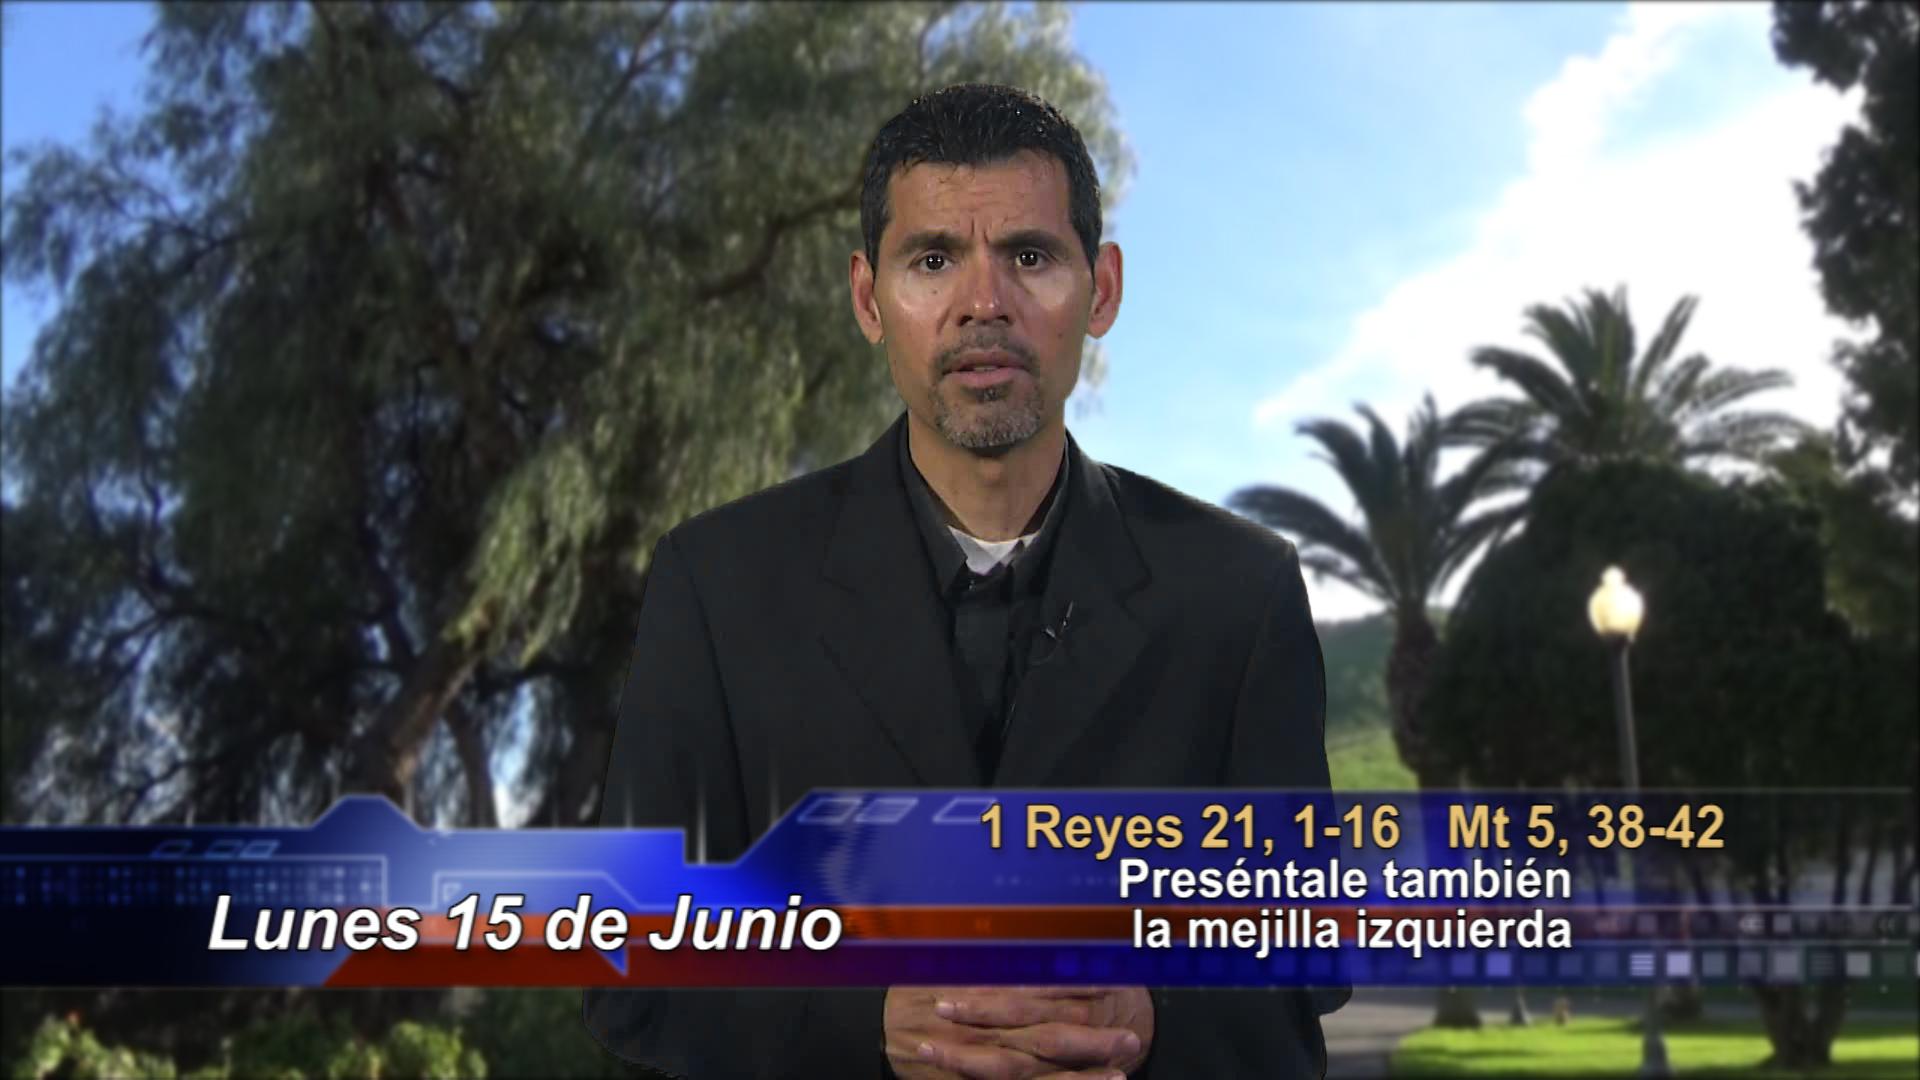 Artwork for Dios te Habla con Jose Luis Elias; Tema de hoy:  Preséntale también la mejilla izquierda